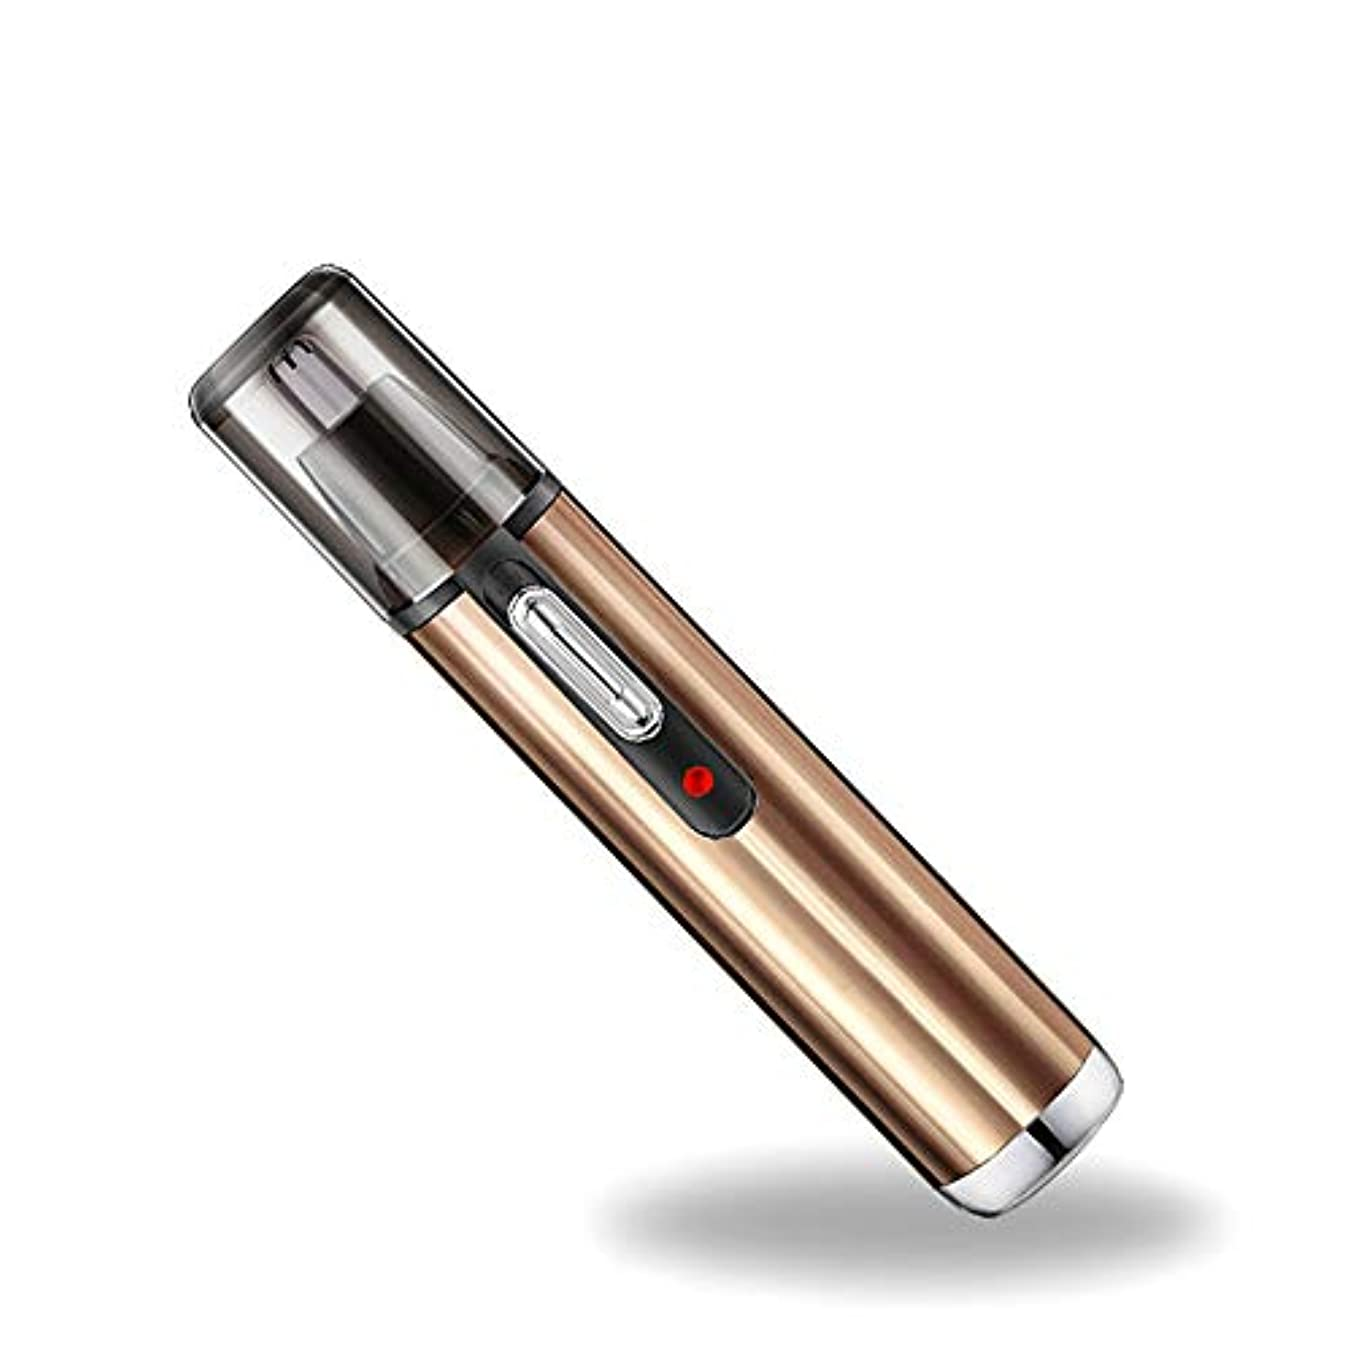 鼻毛トリマー、トリマー電動トリマー、防水、男性/女性用エコ/トラベル/ユーザーフレンドリー